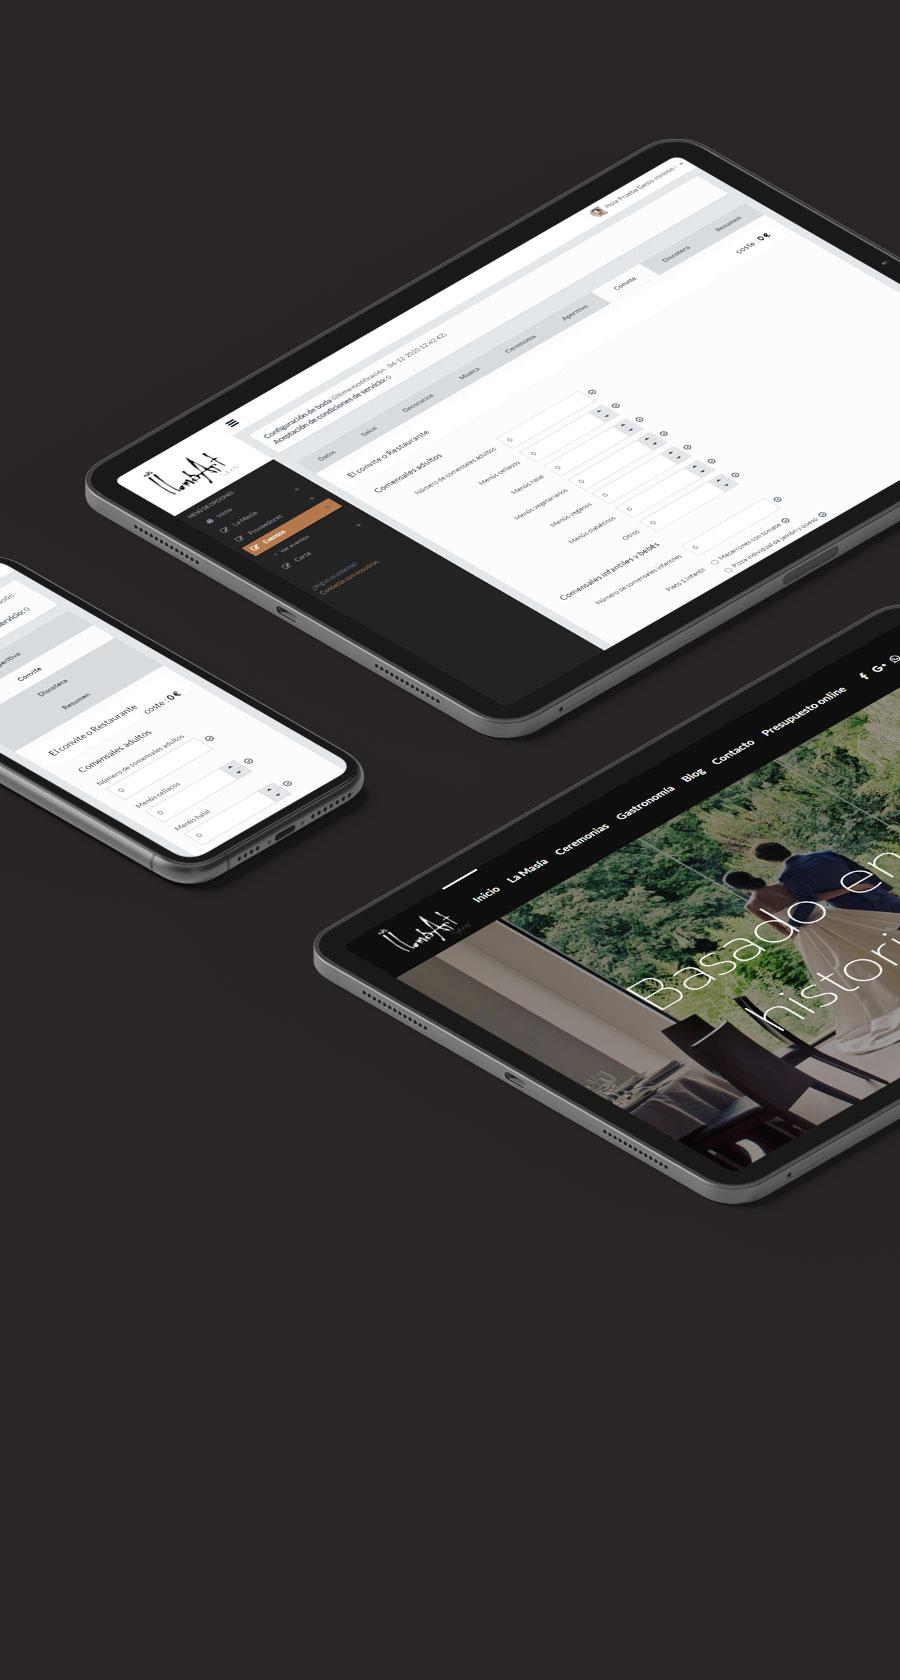 diseno desarrollo web app masllombart movi2